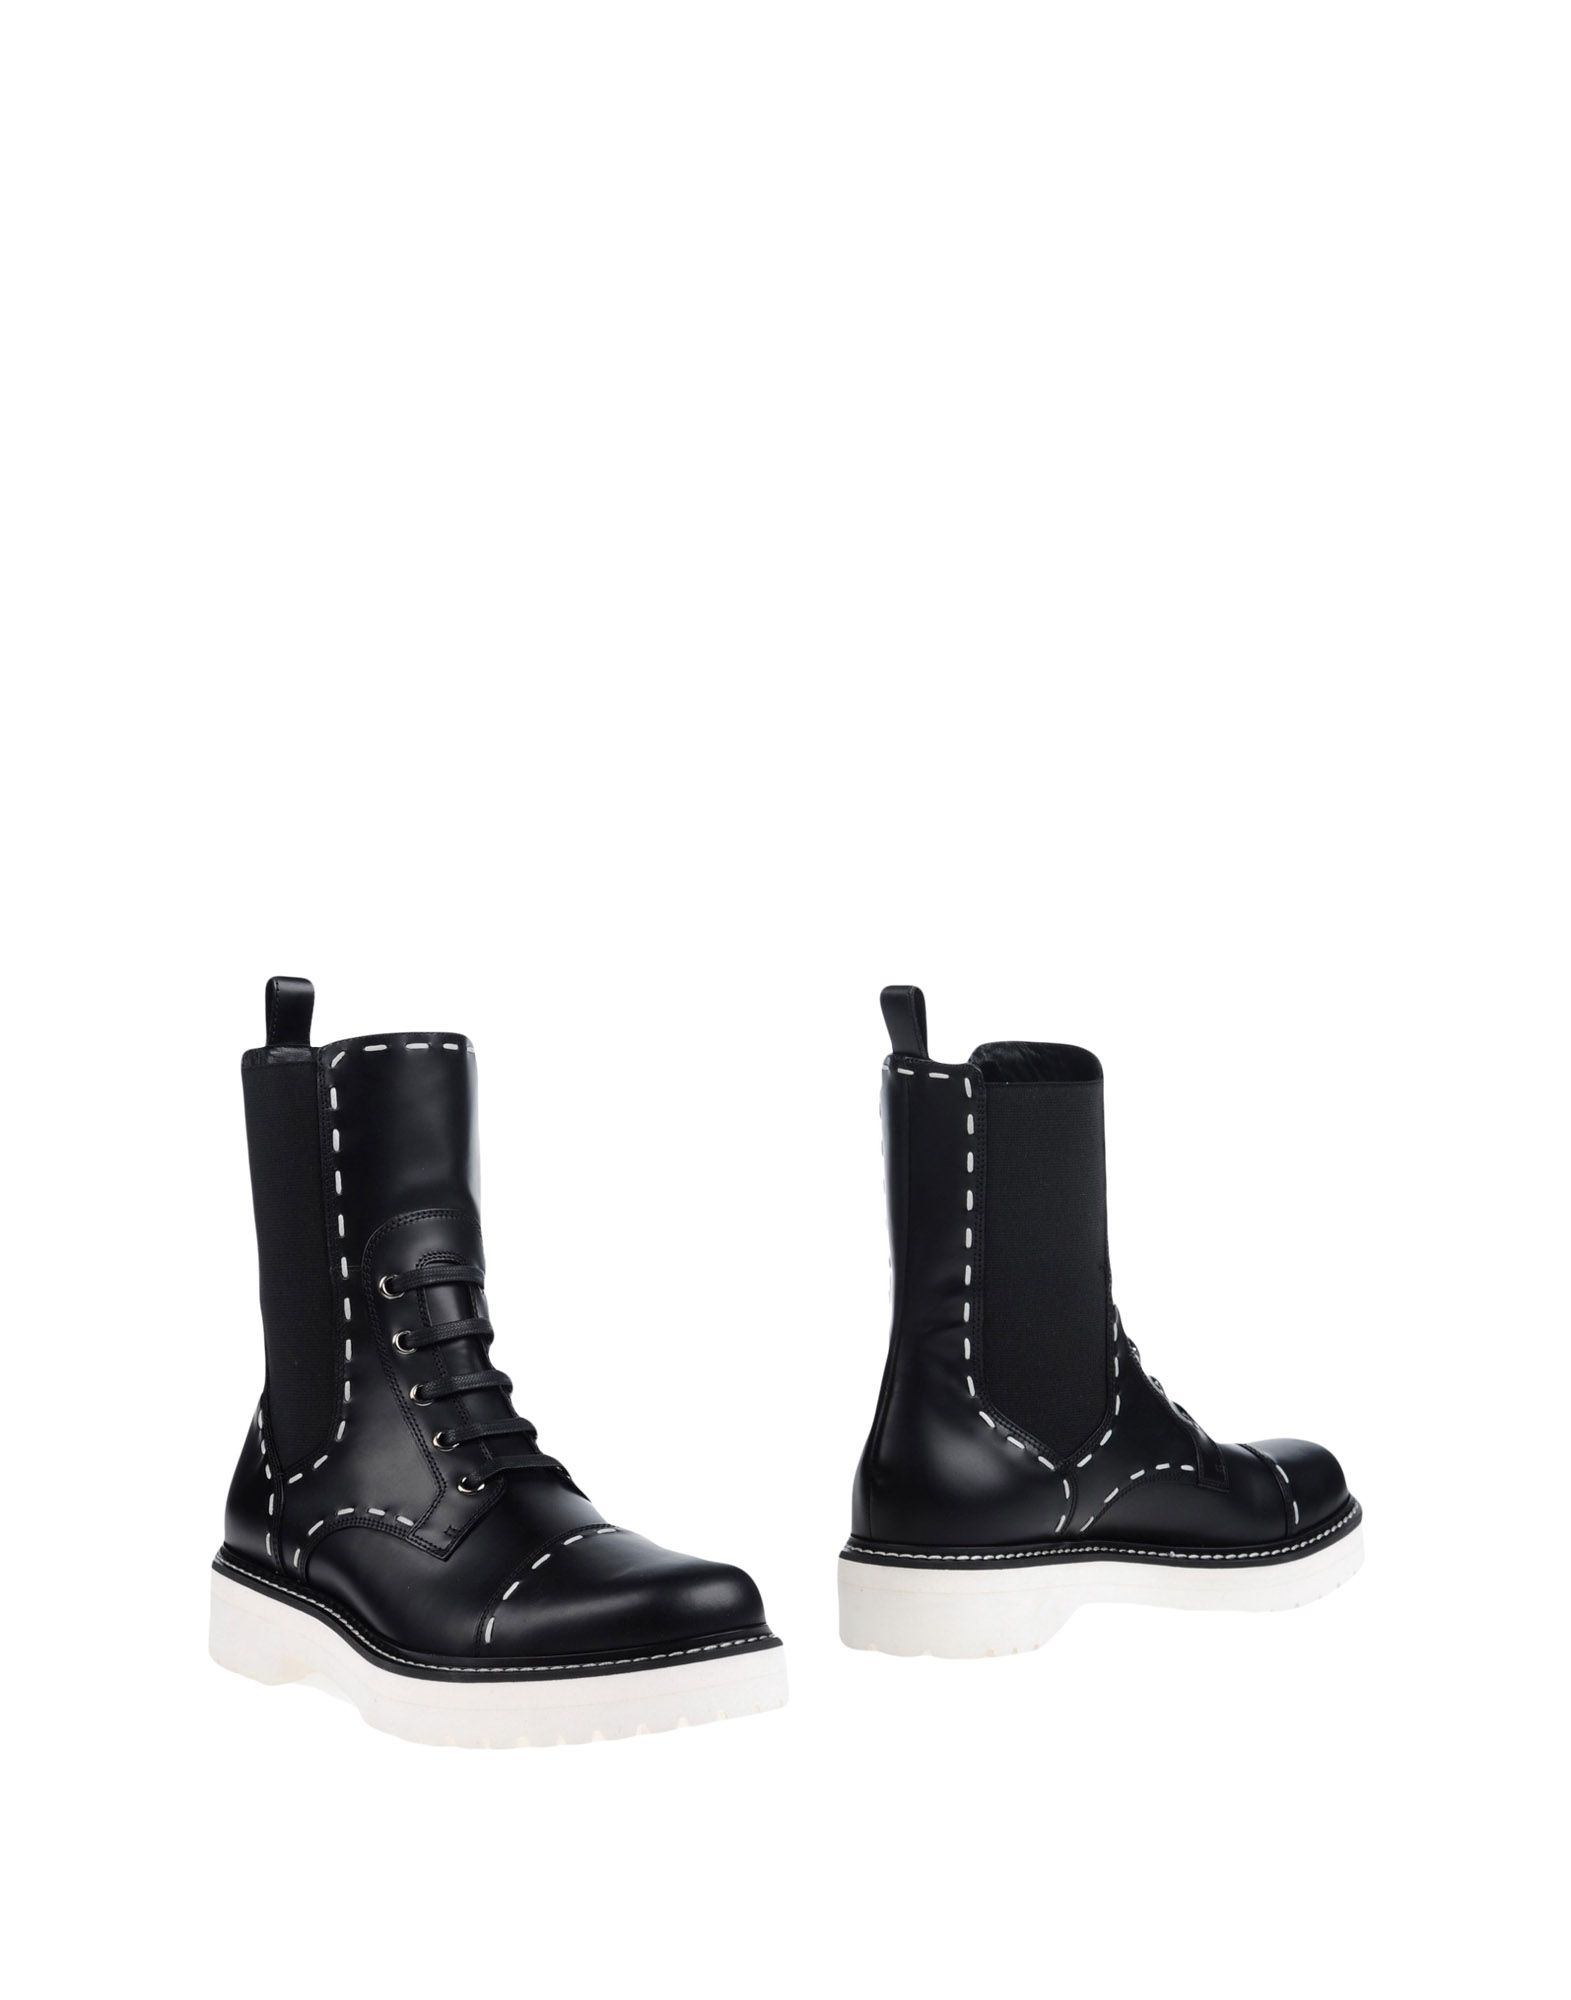 Dolce & Gabbana Stiefelette Damen  11270073OQ Neue Schuhe